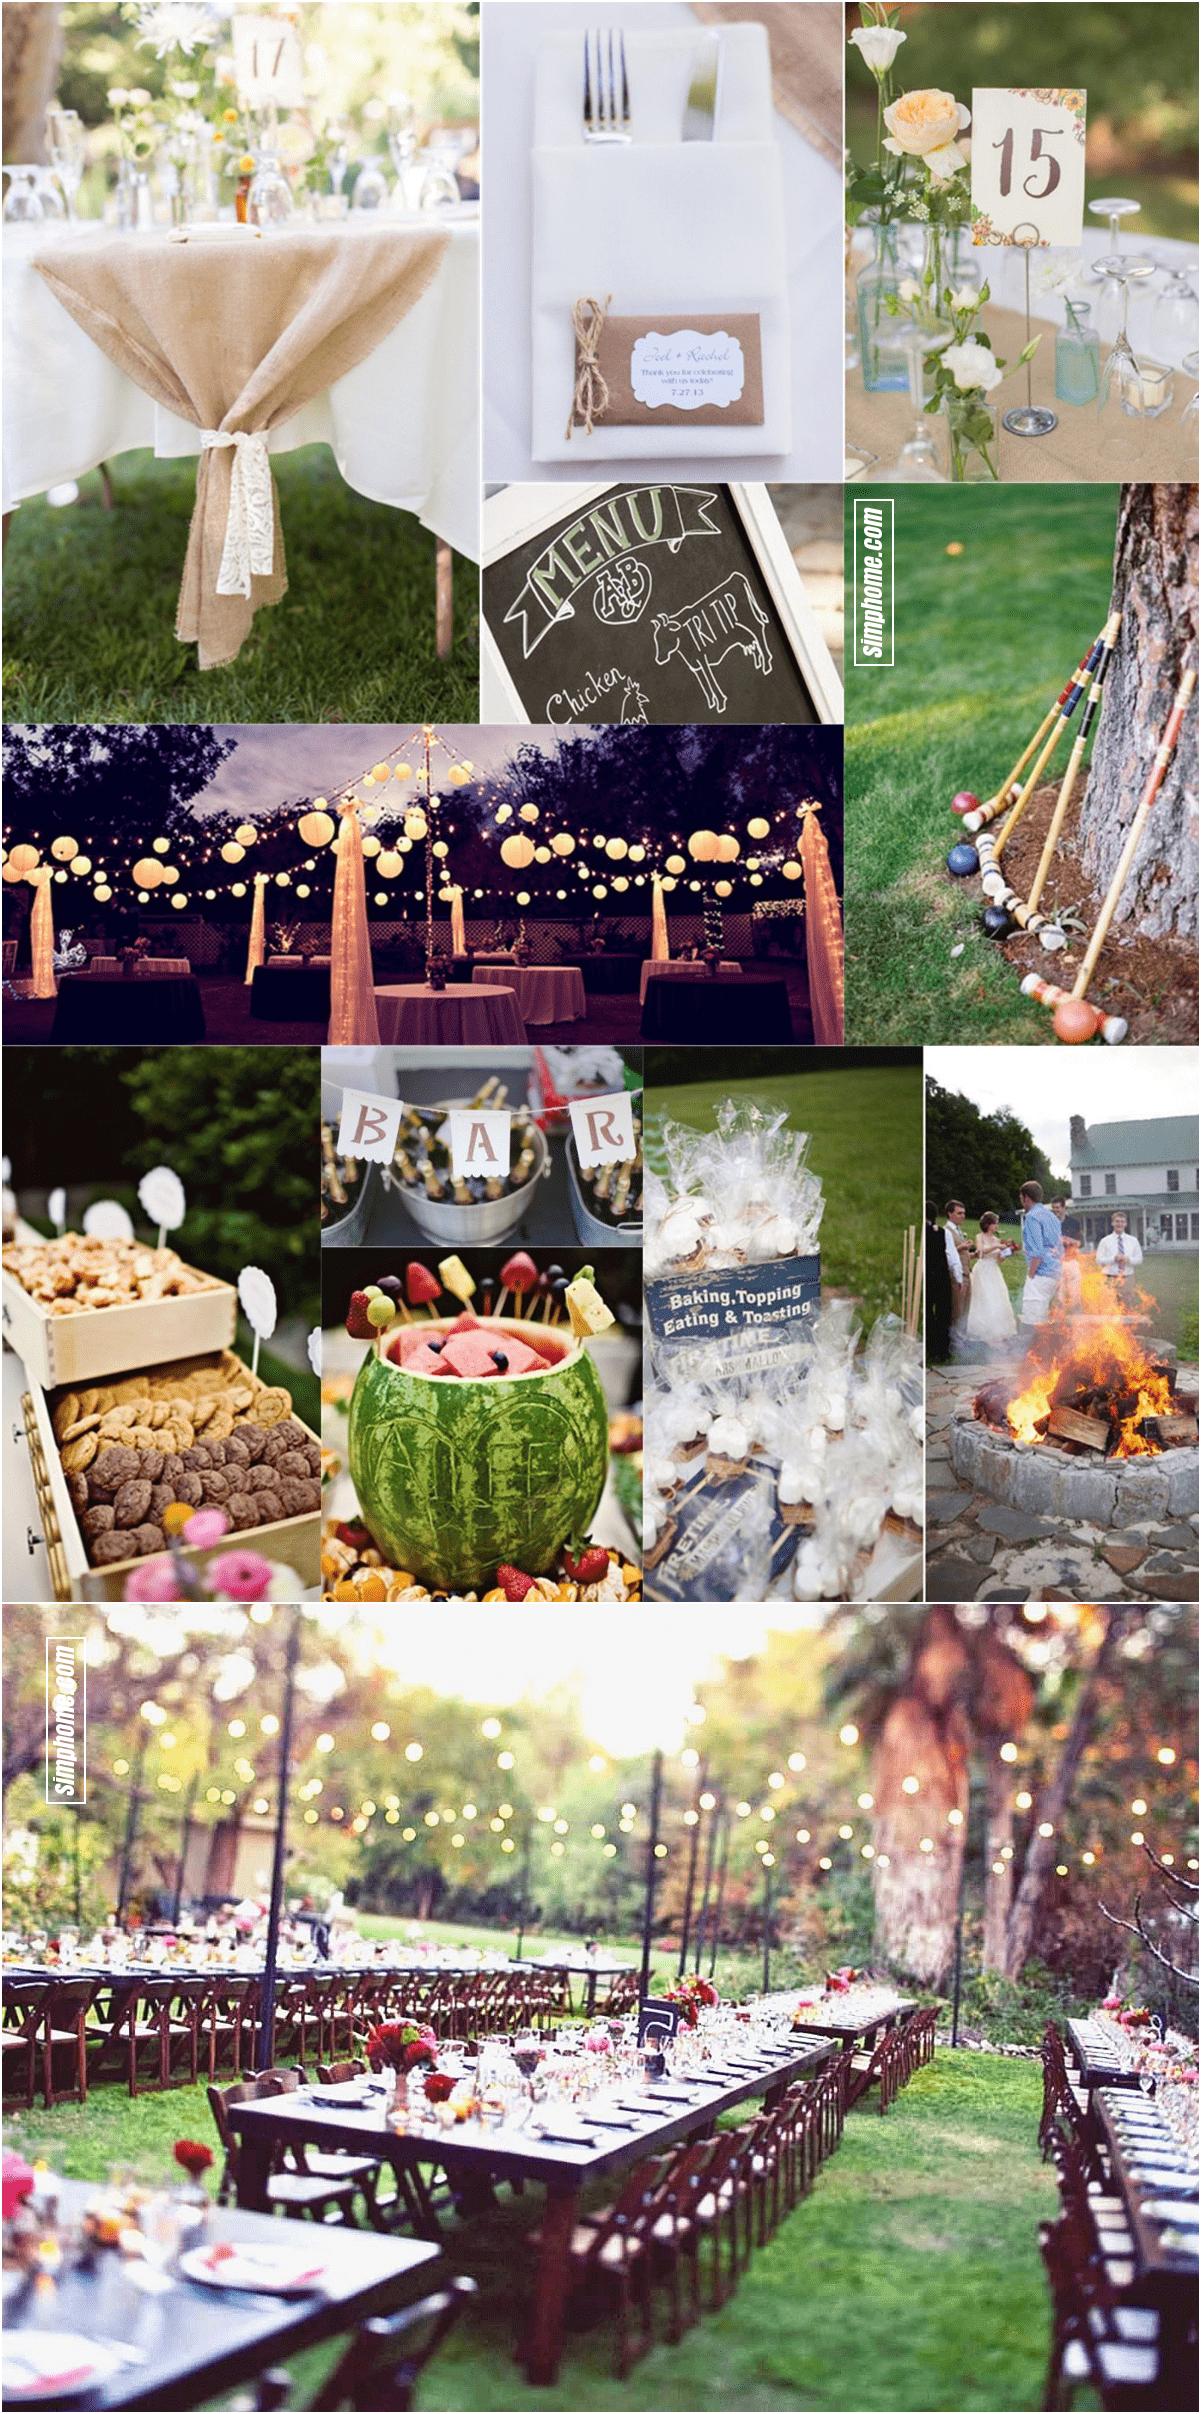 24.SIMPHOME.COM essential guide to a backyard BBQ wedding on a budget